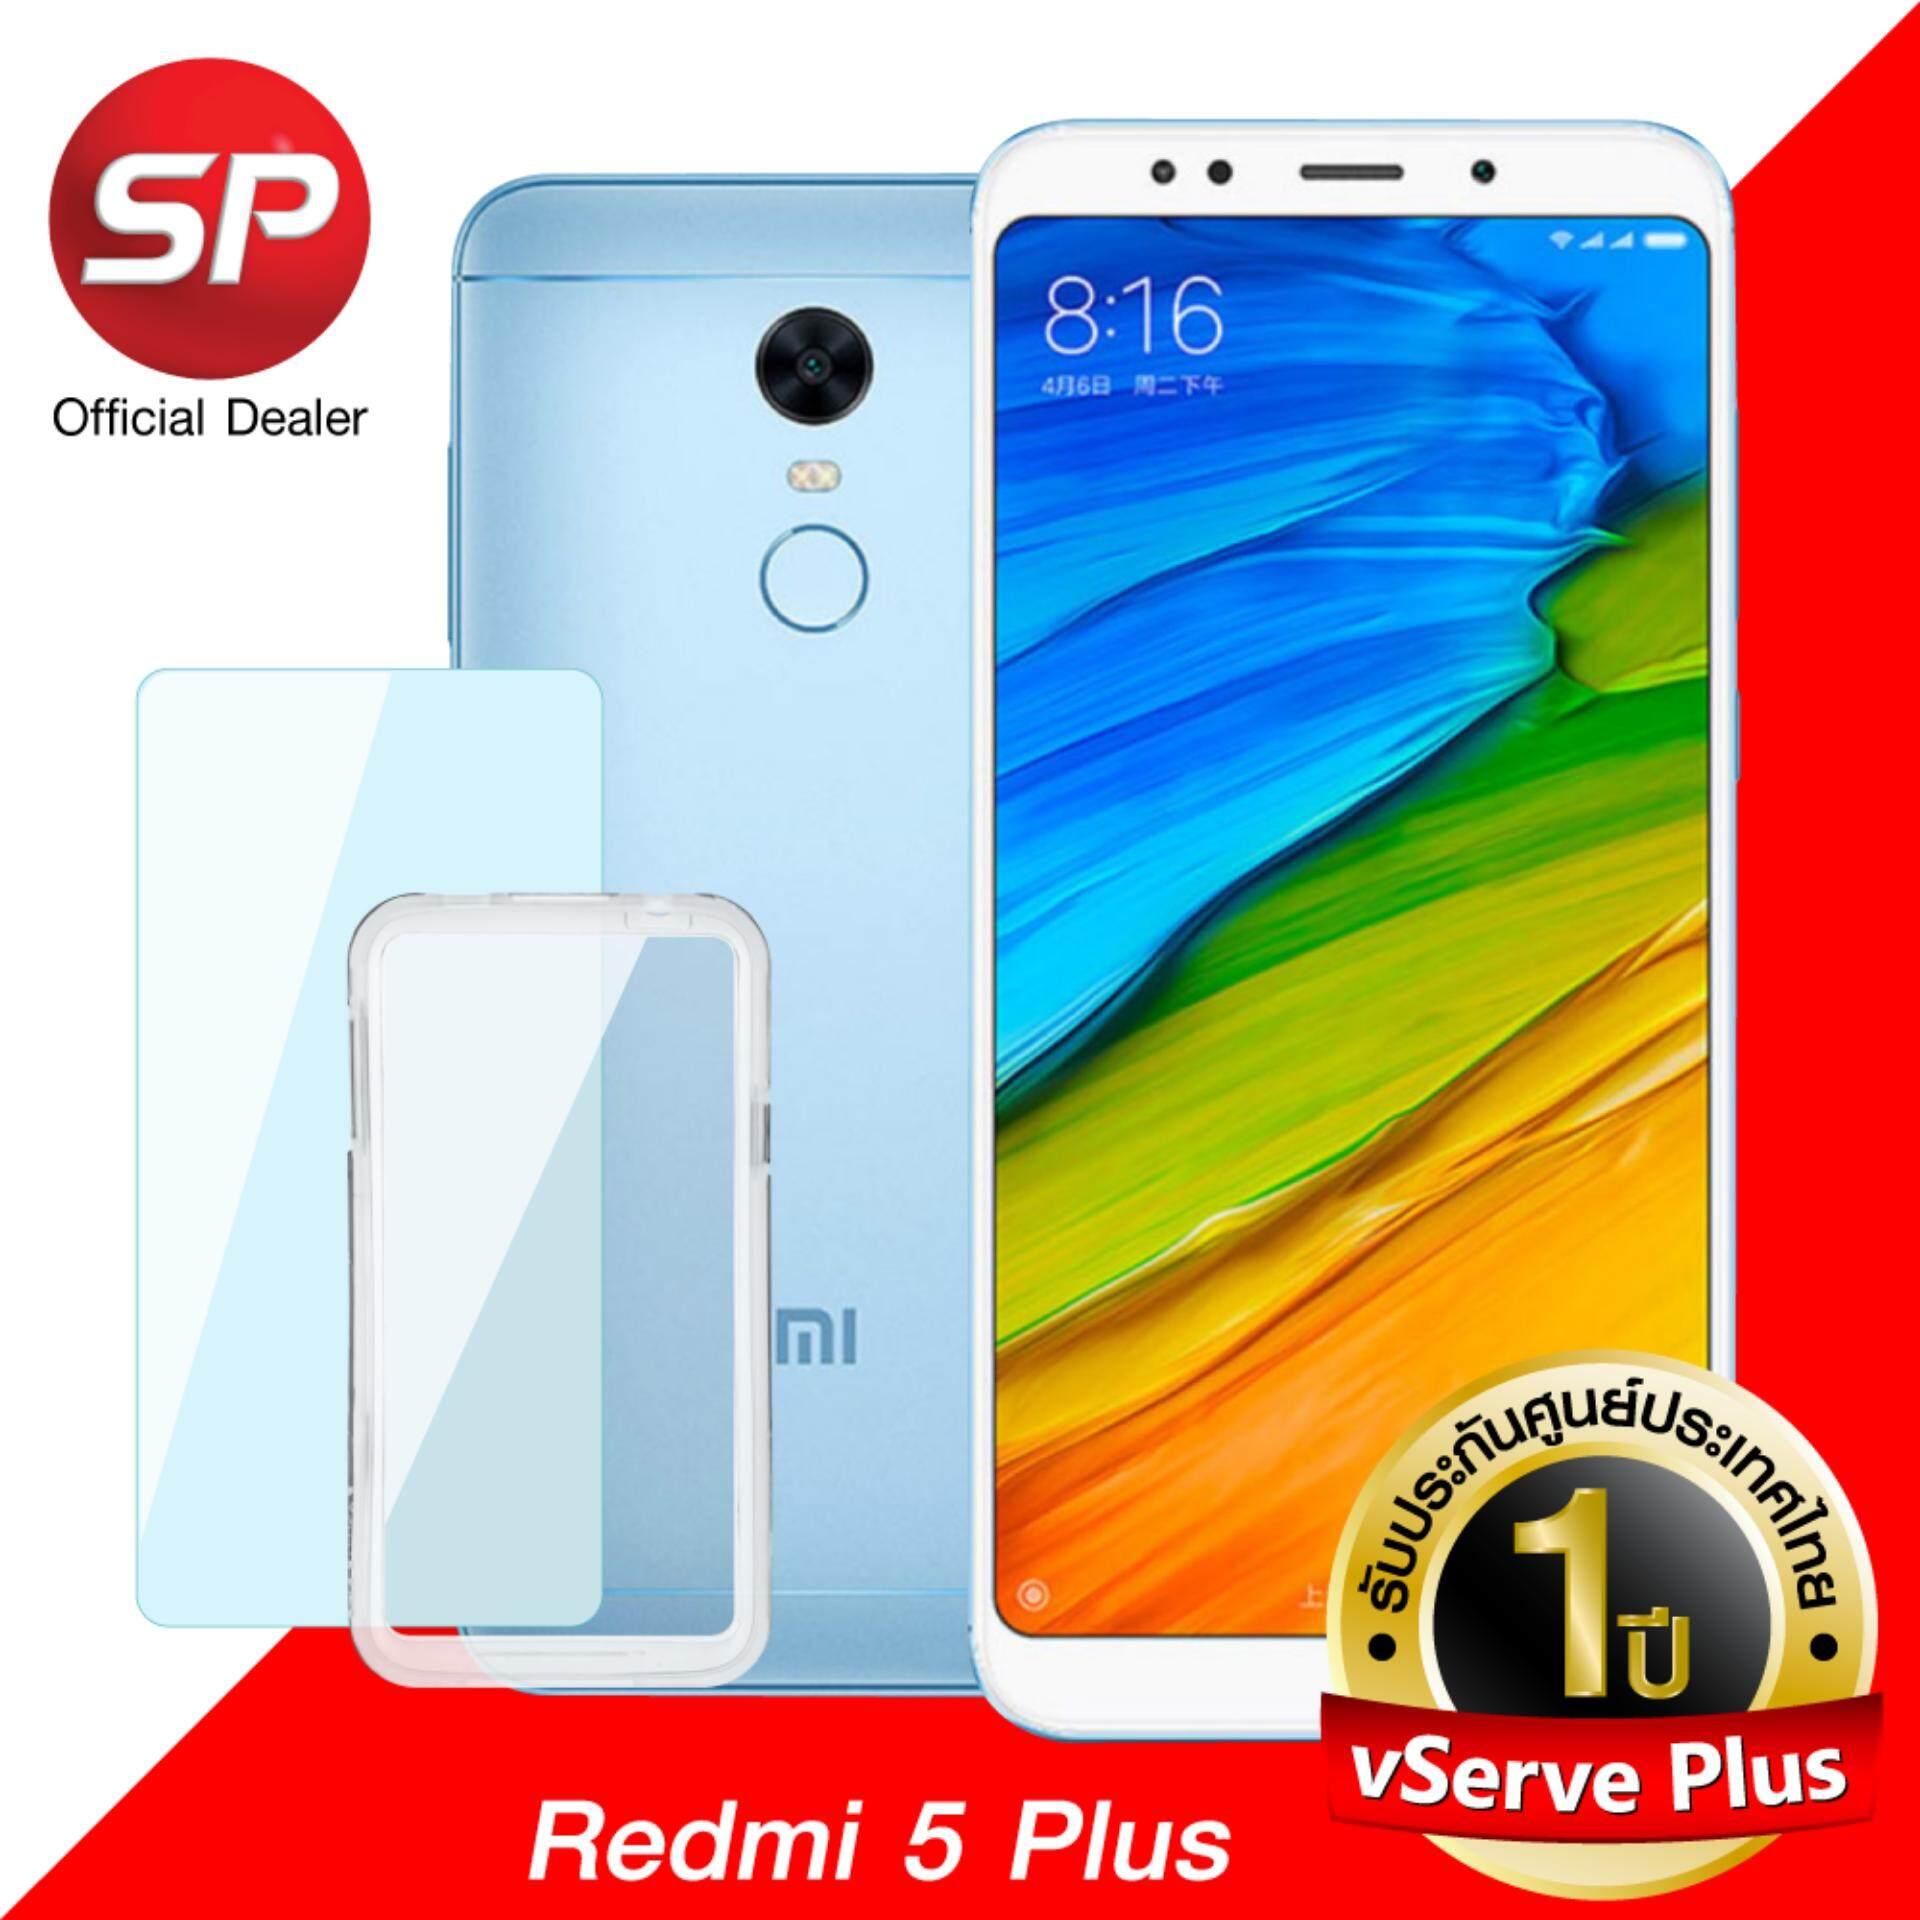 ราคา Xiaomi Redmi 5 Plus 4 64Gb พร้อมเคสกันกระแทก ฟิล์มกันรอย มูลค่า 390 รับประกันศูนย์ไทย 1 ปีเต็ม ใหม่ ถูก